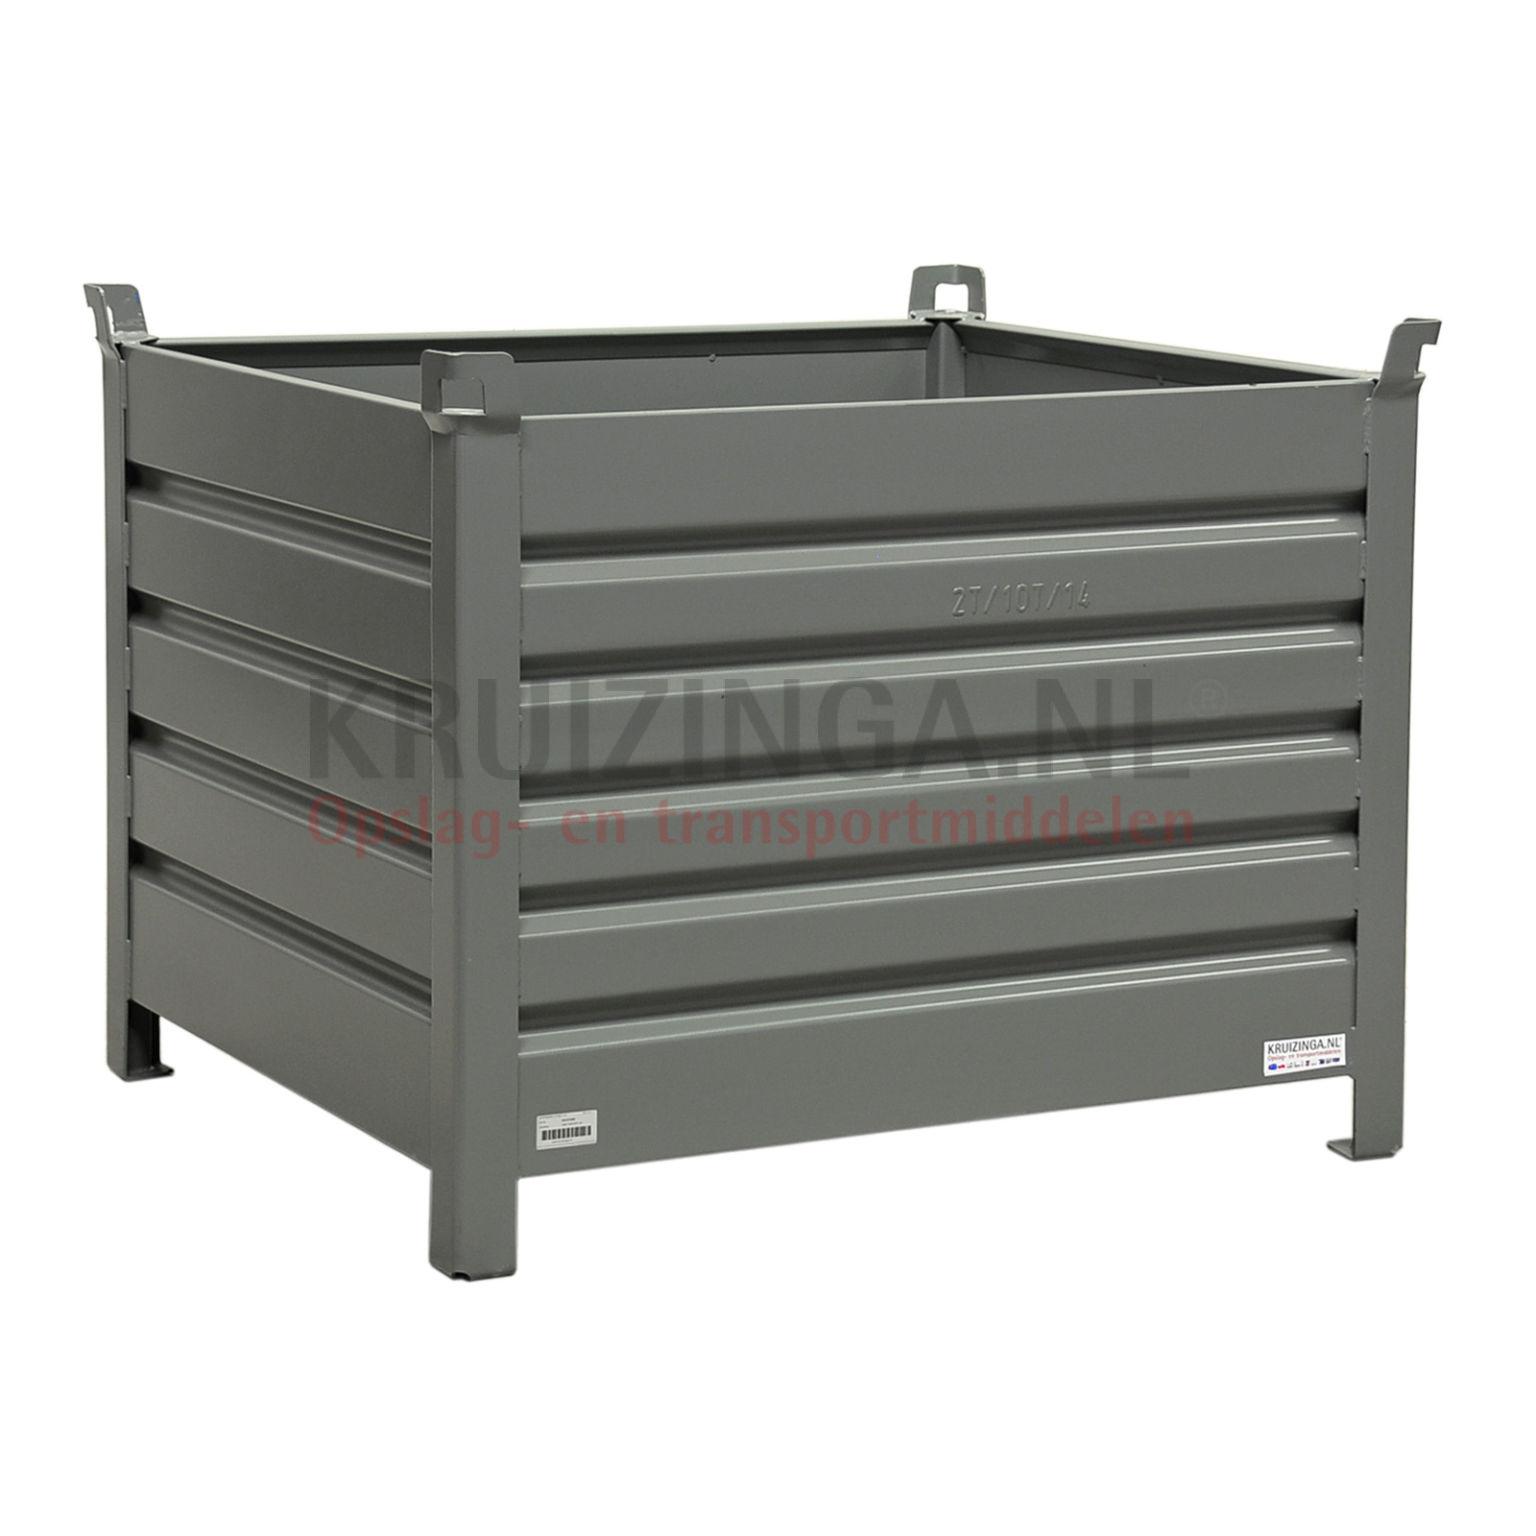 bac de rangement acier construction robuste bac empilable 4 parois partir de 280 frais de. Black Bedroom Furniture Sets. Home Design Ideas